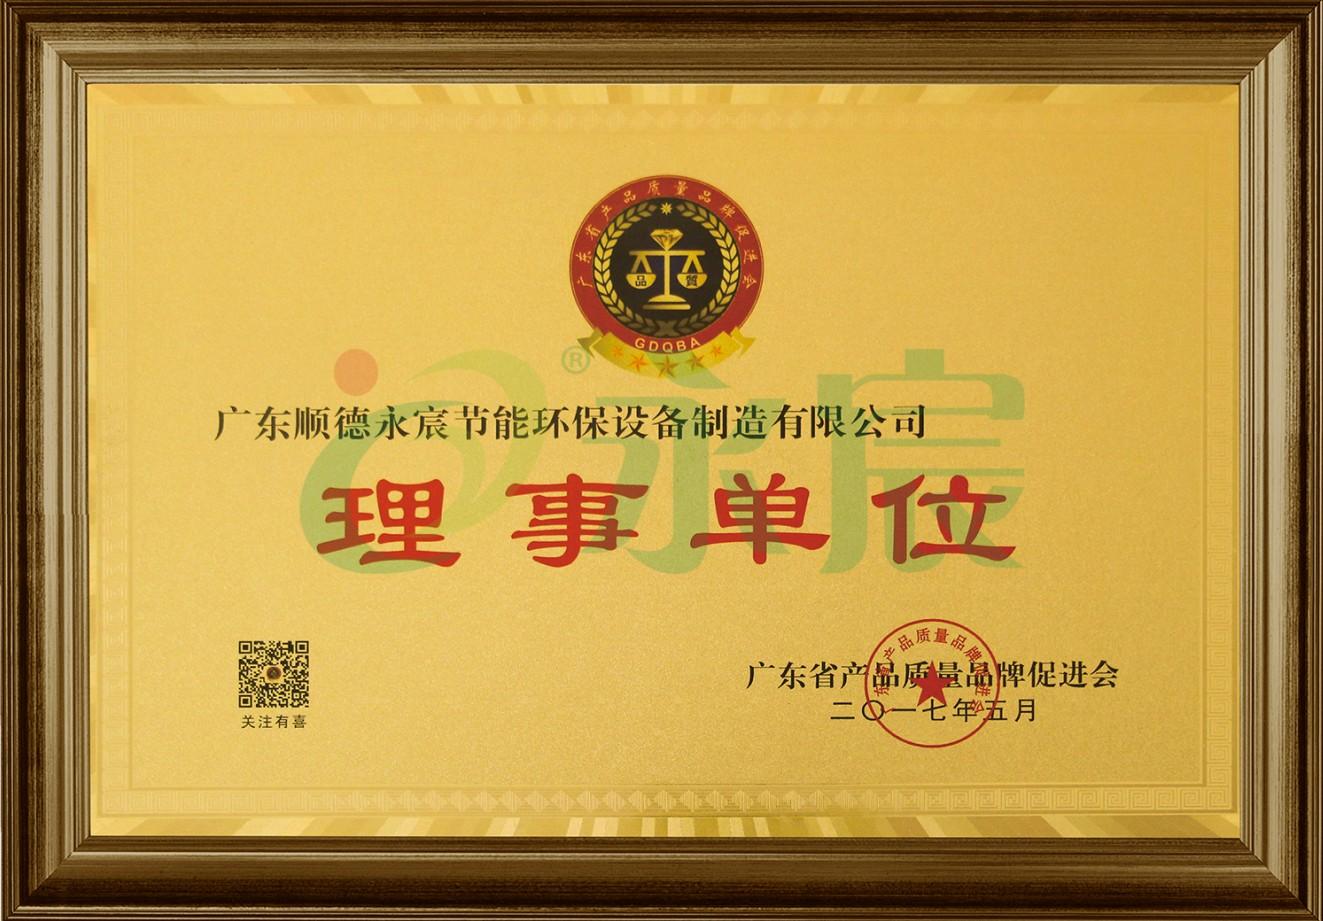 广东省产品质量品牌促进会理事单位